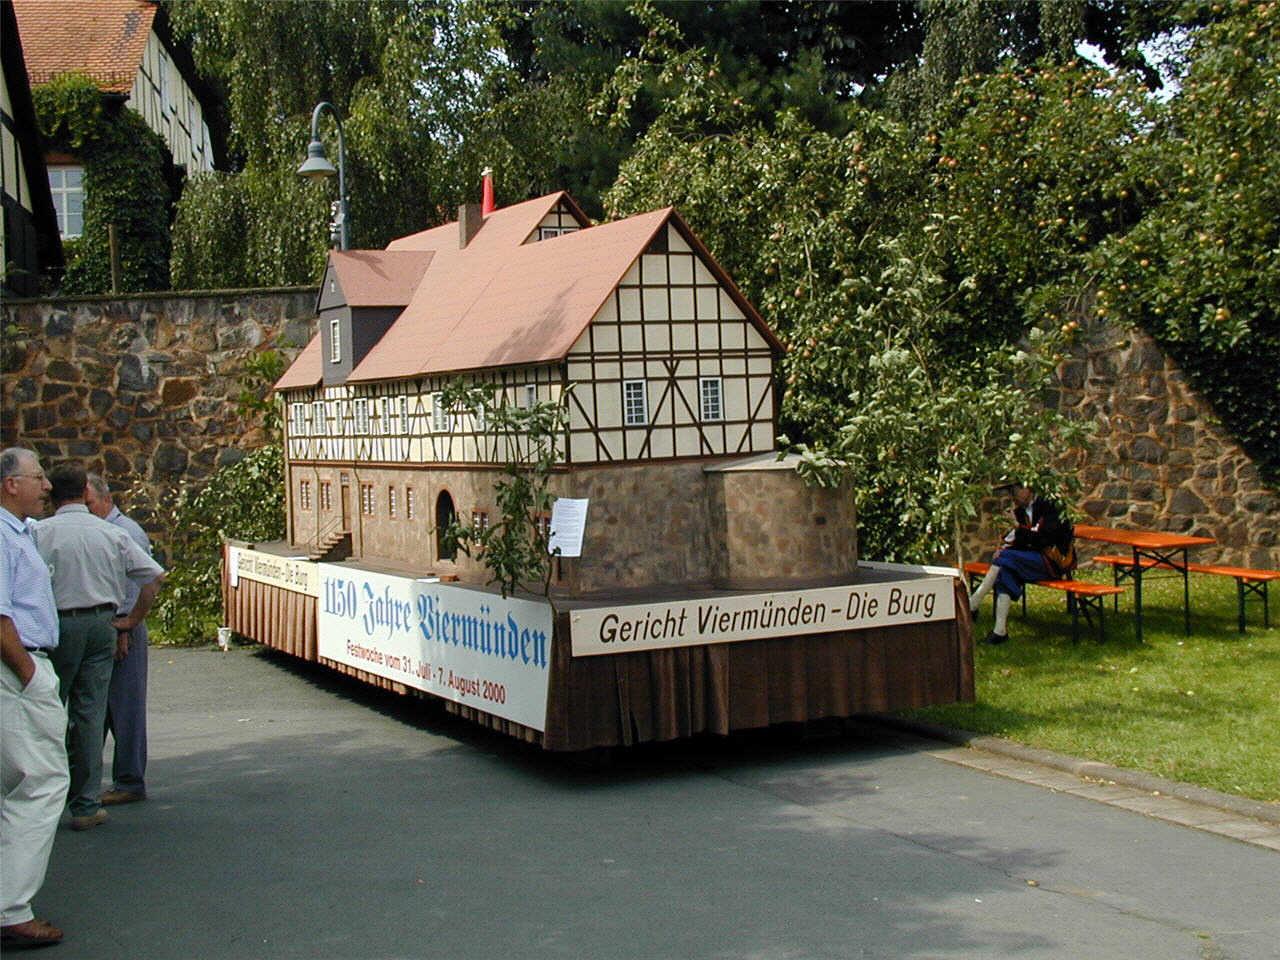 Modell der Viermündener Burg. (© Detlef Battefeld)